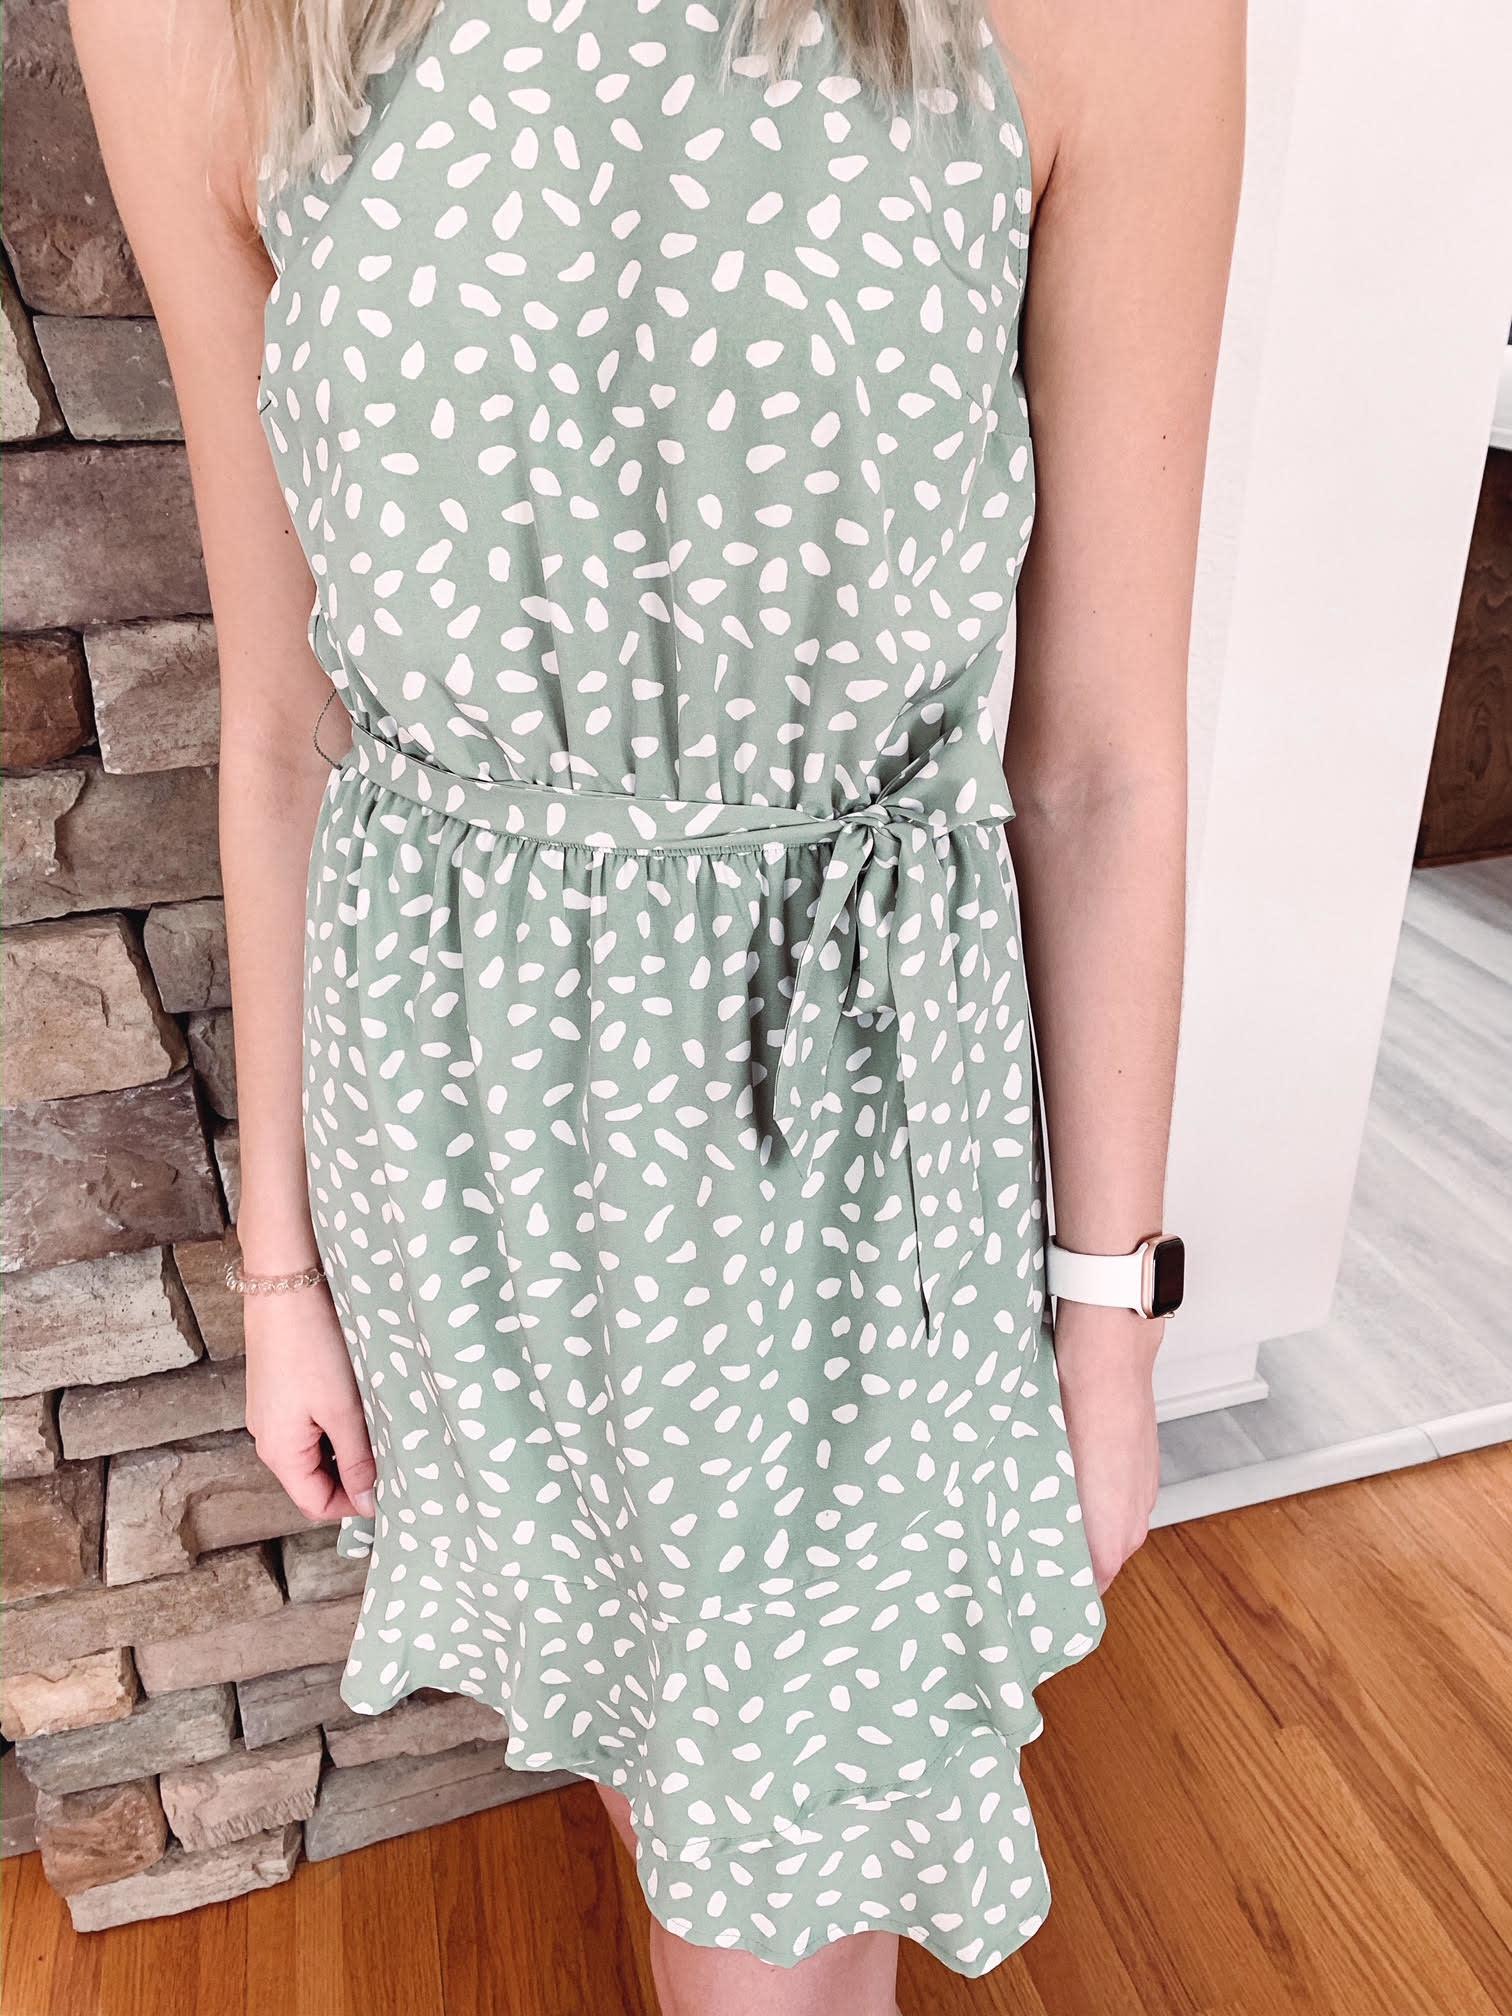 Gemma Sage Spotted Dress